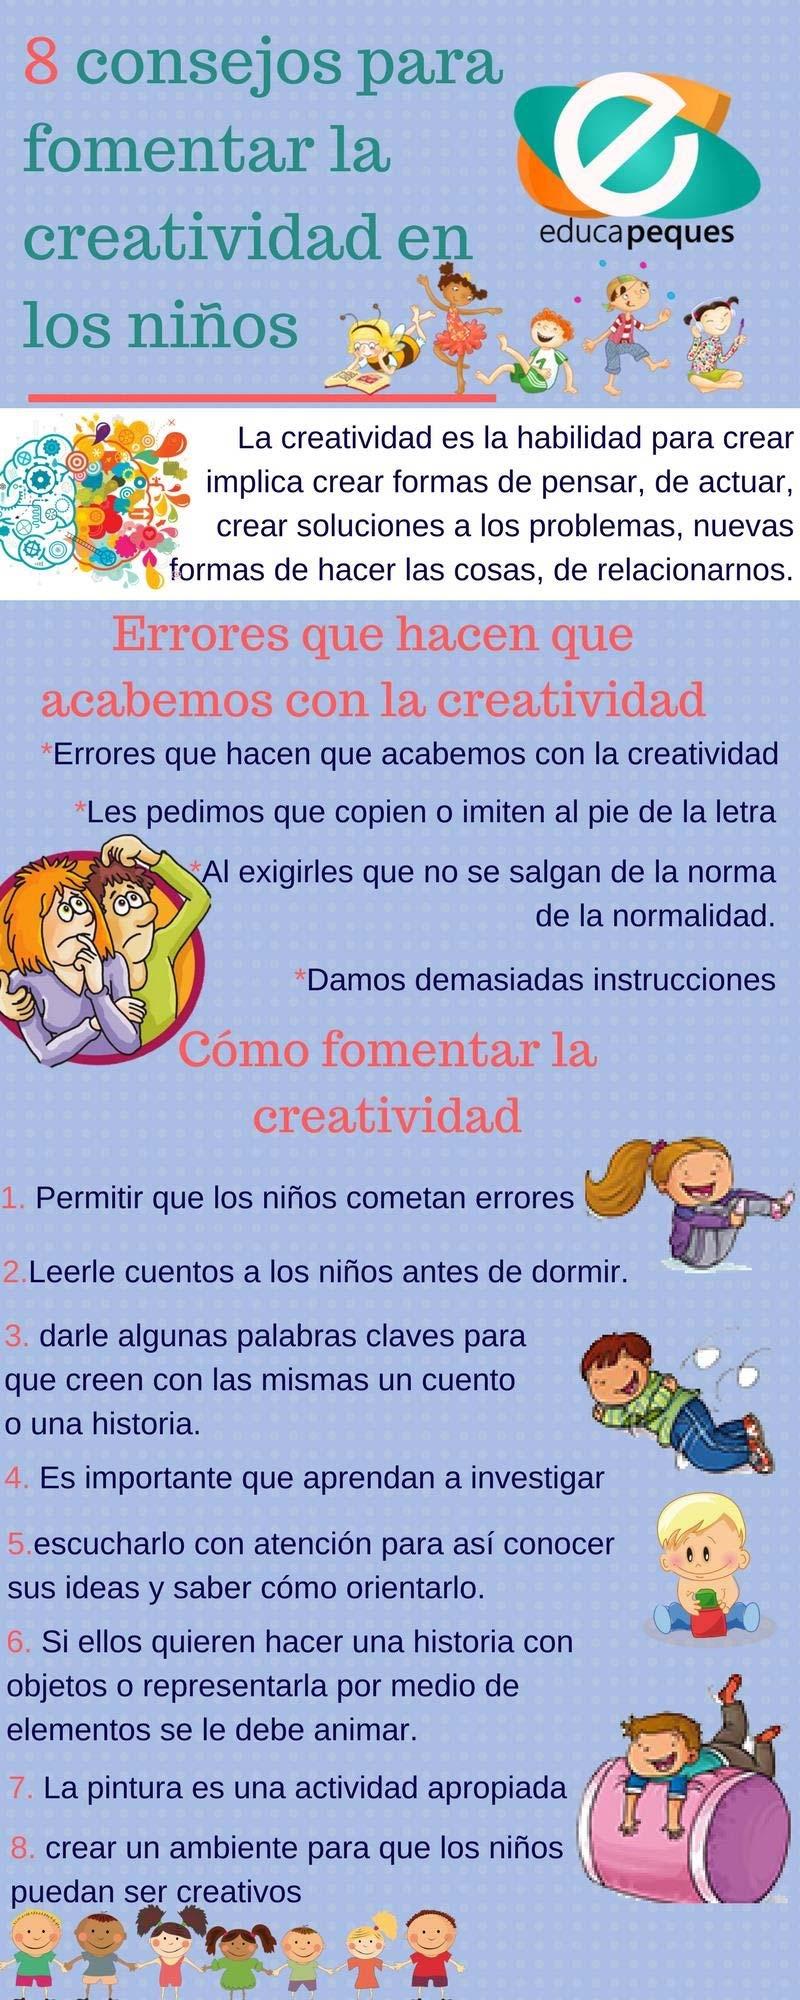 8 Consejos eficaces para fomentar la Creatividad en los niños